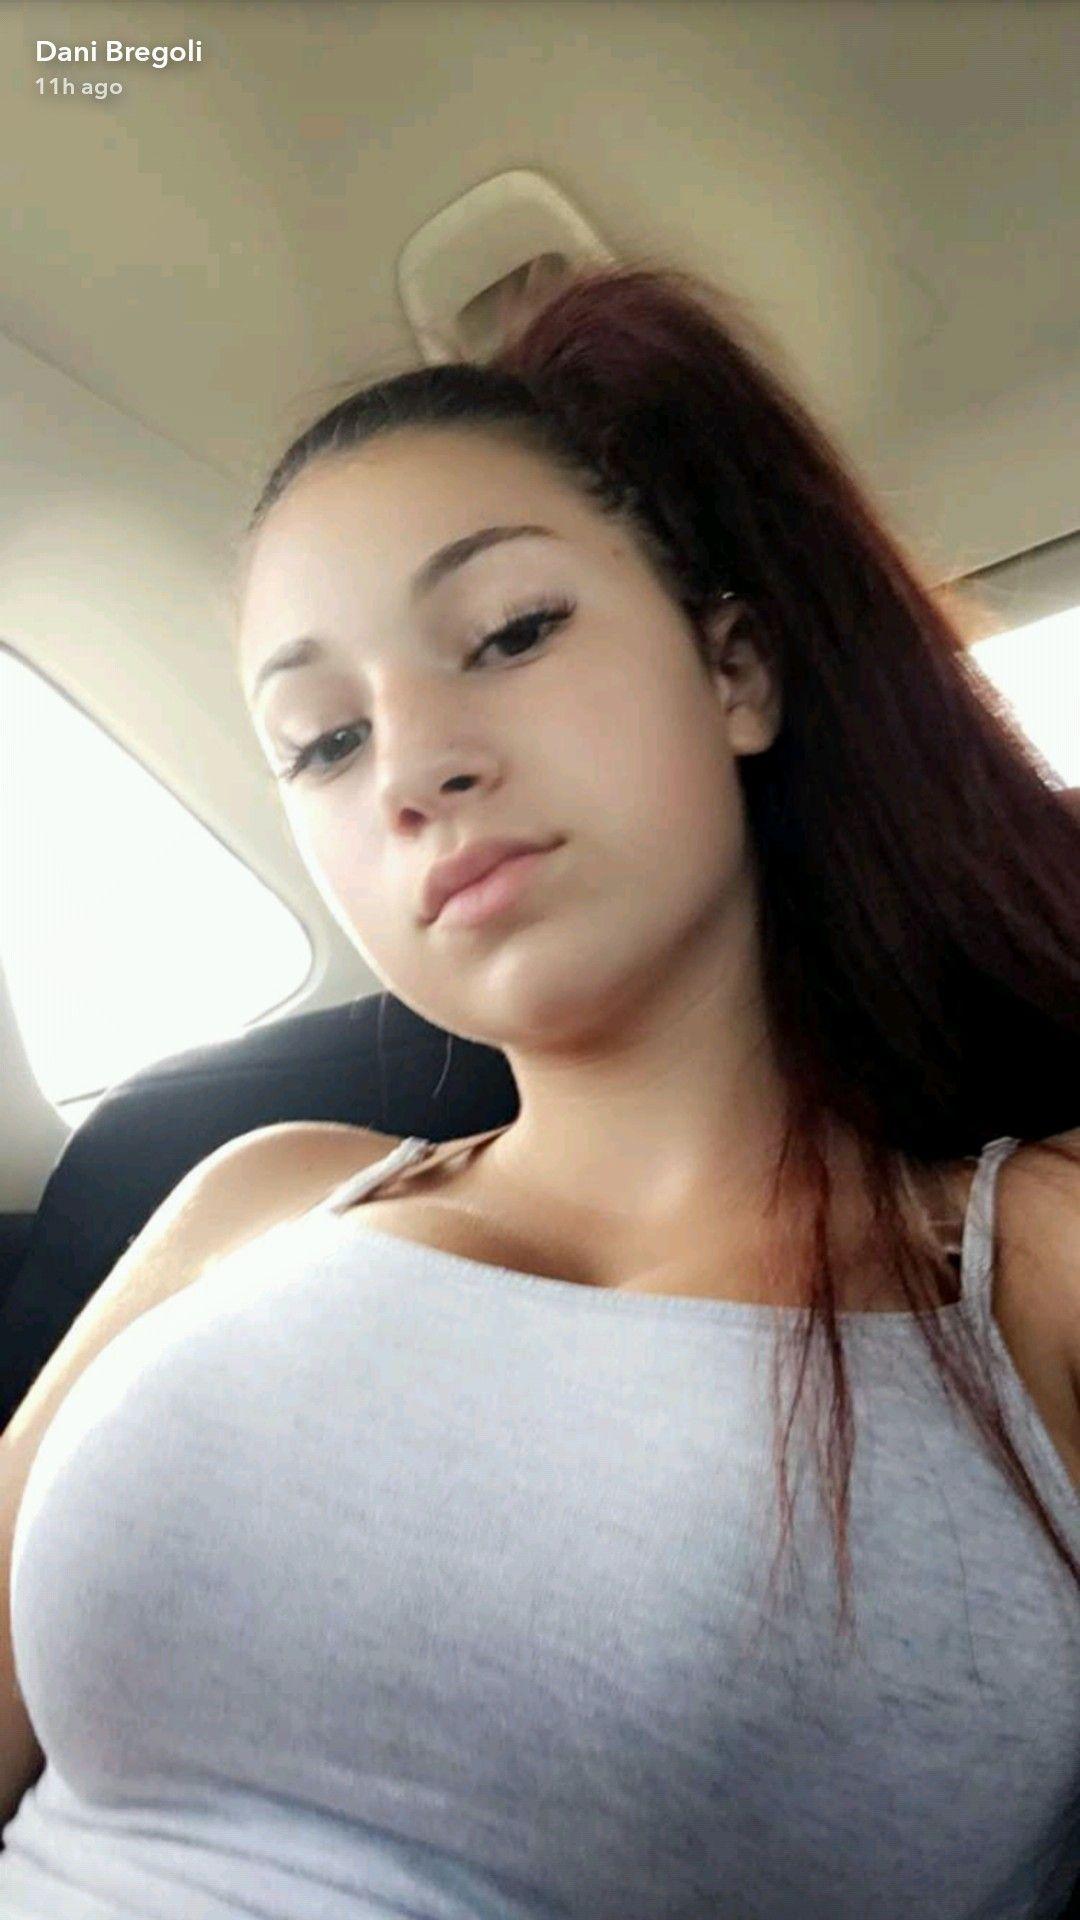 Danielle Bregoli Hot